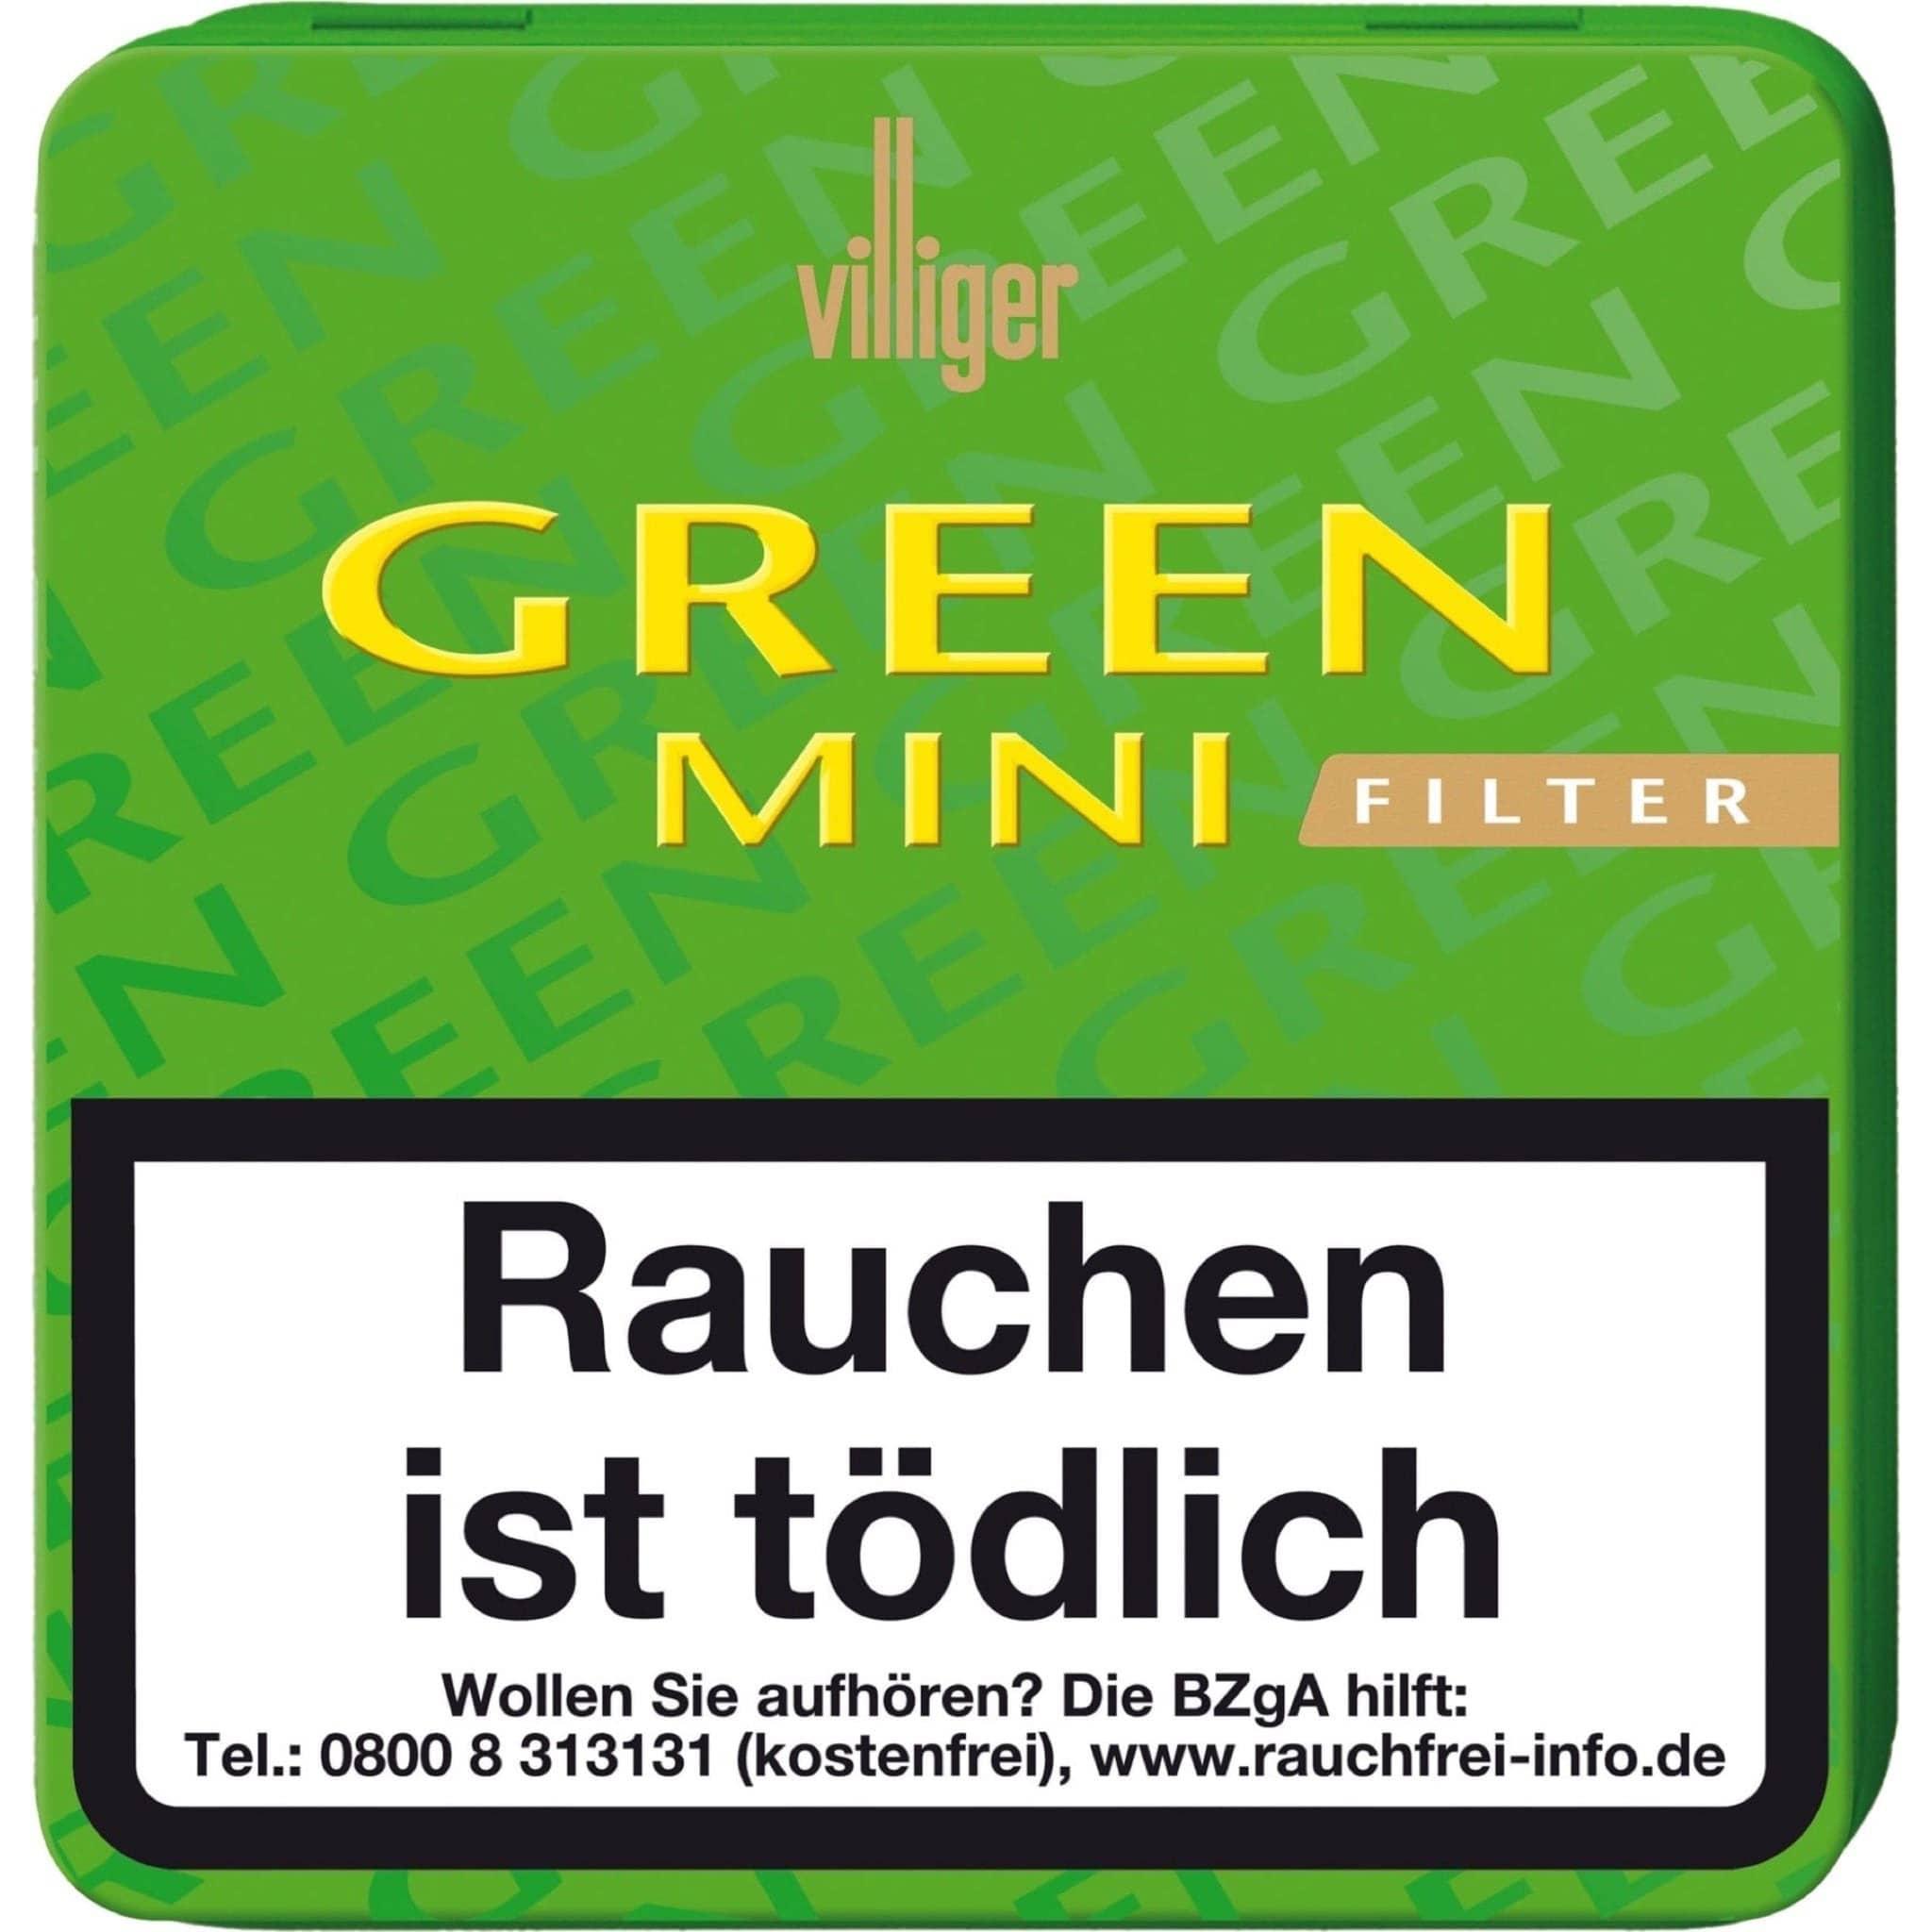 Villiger Green Mini Filter 20er Packung